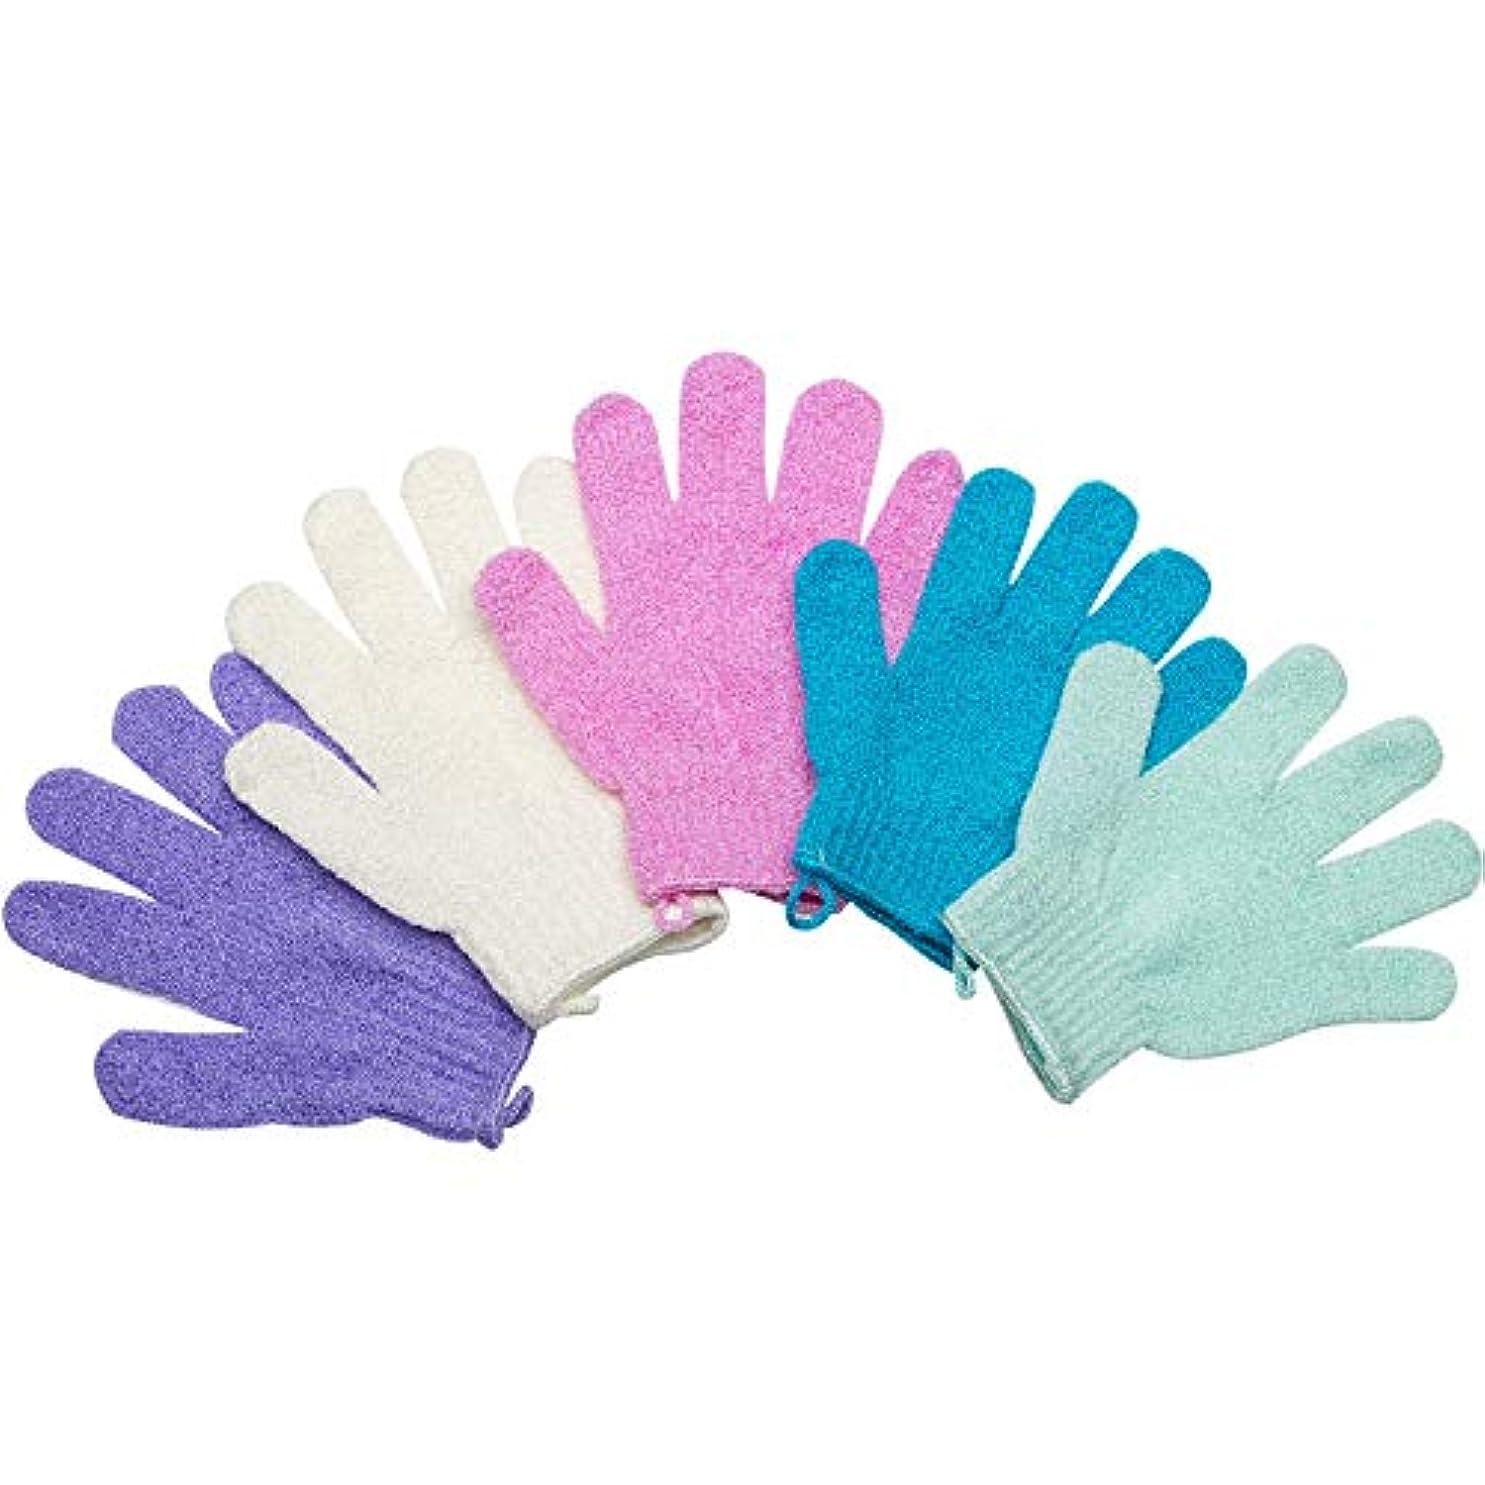 北極圏クロスエジプト5ペアセットお風呂用手袋 入浴用品 垢すり用グローブ 抗菌加工 角質除去 泡立ち 男女兼用 便利なループ付け